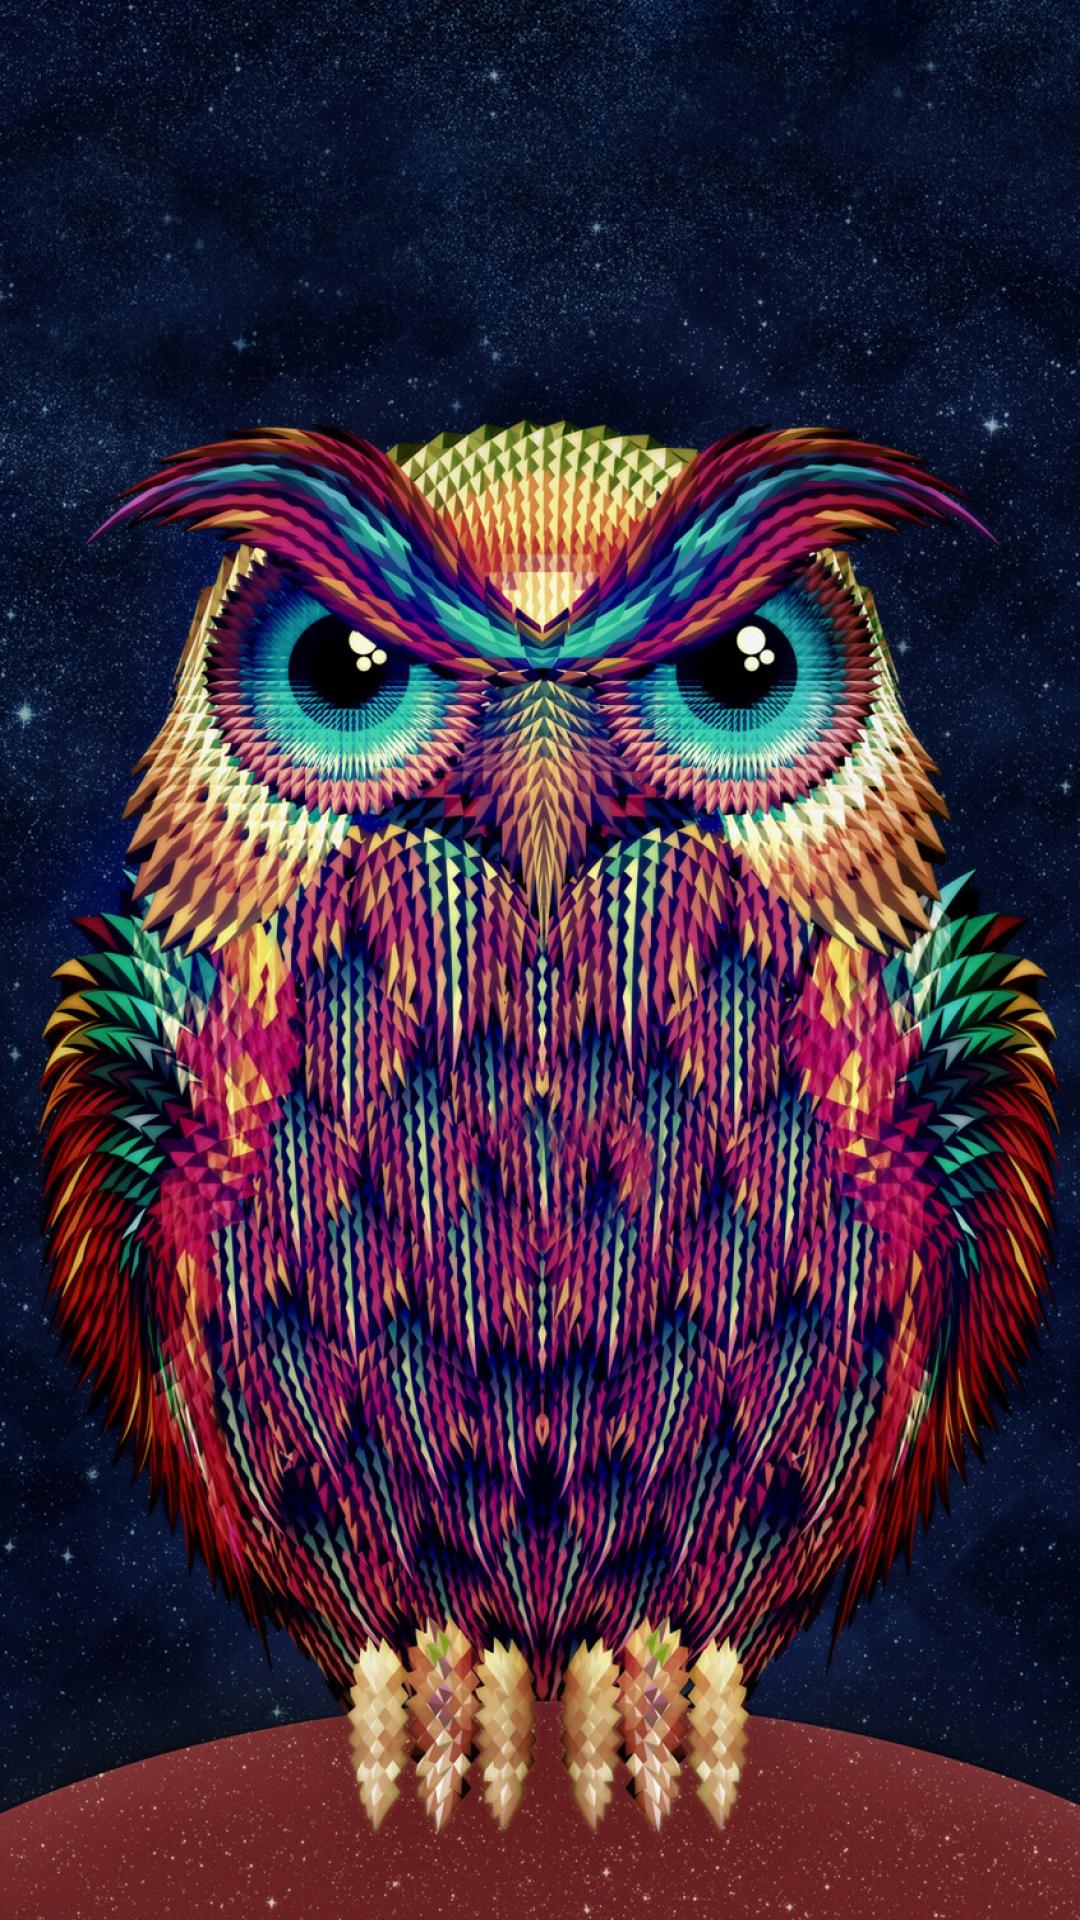 iPhone wallpaper owl art 3Wallpapers : notre sélection de fonds d'écran du 15/02/2018